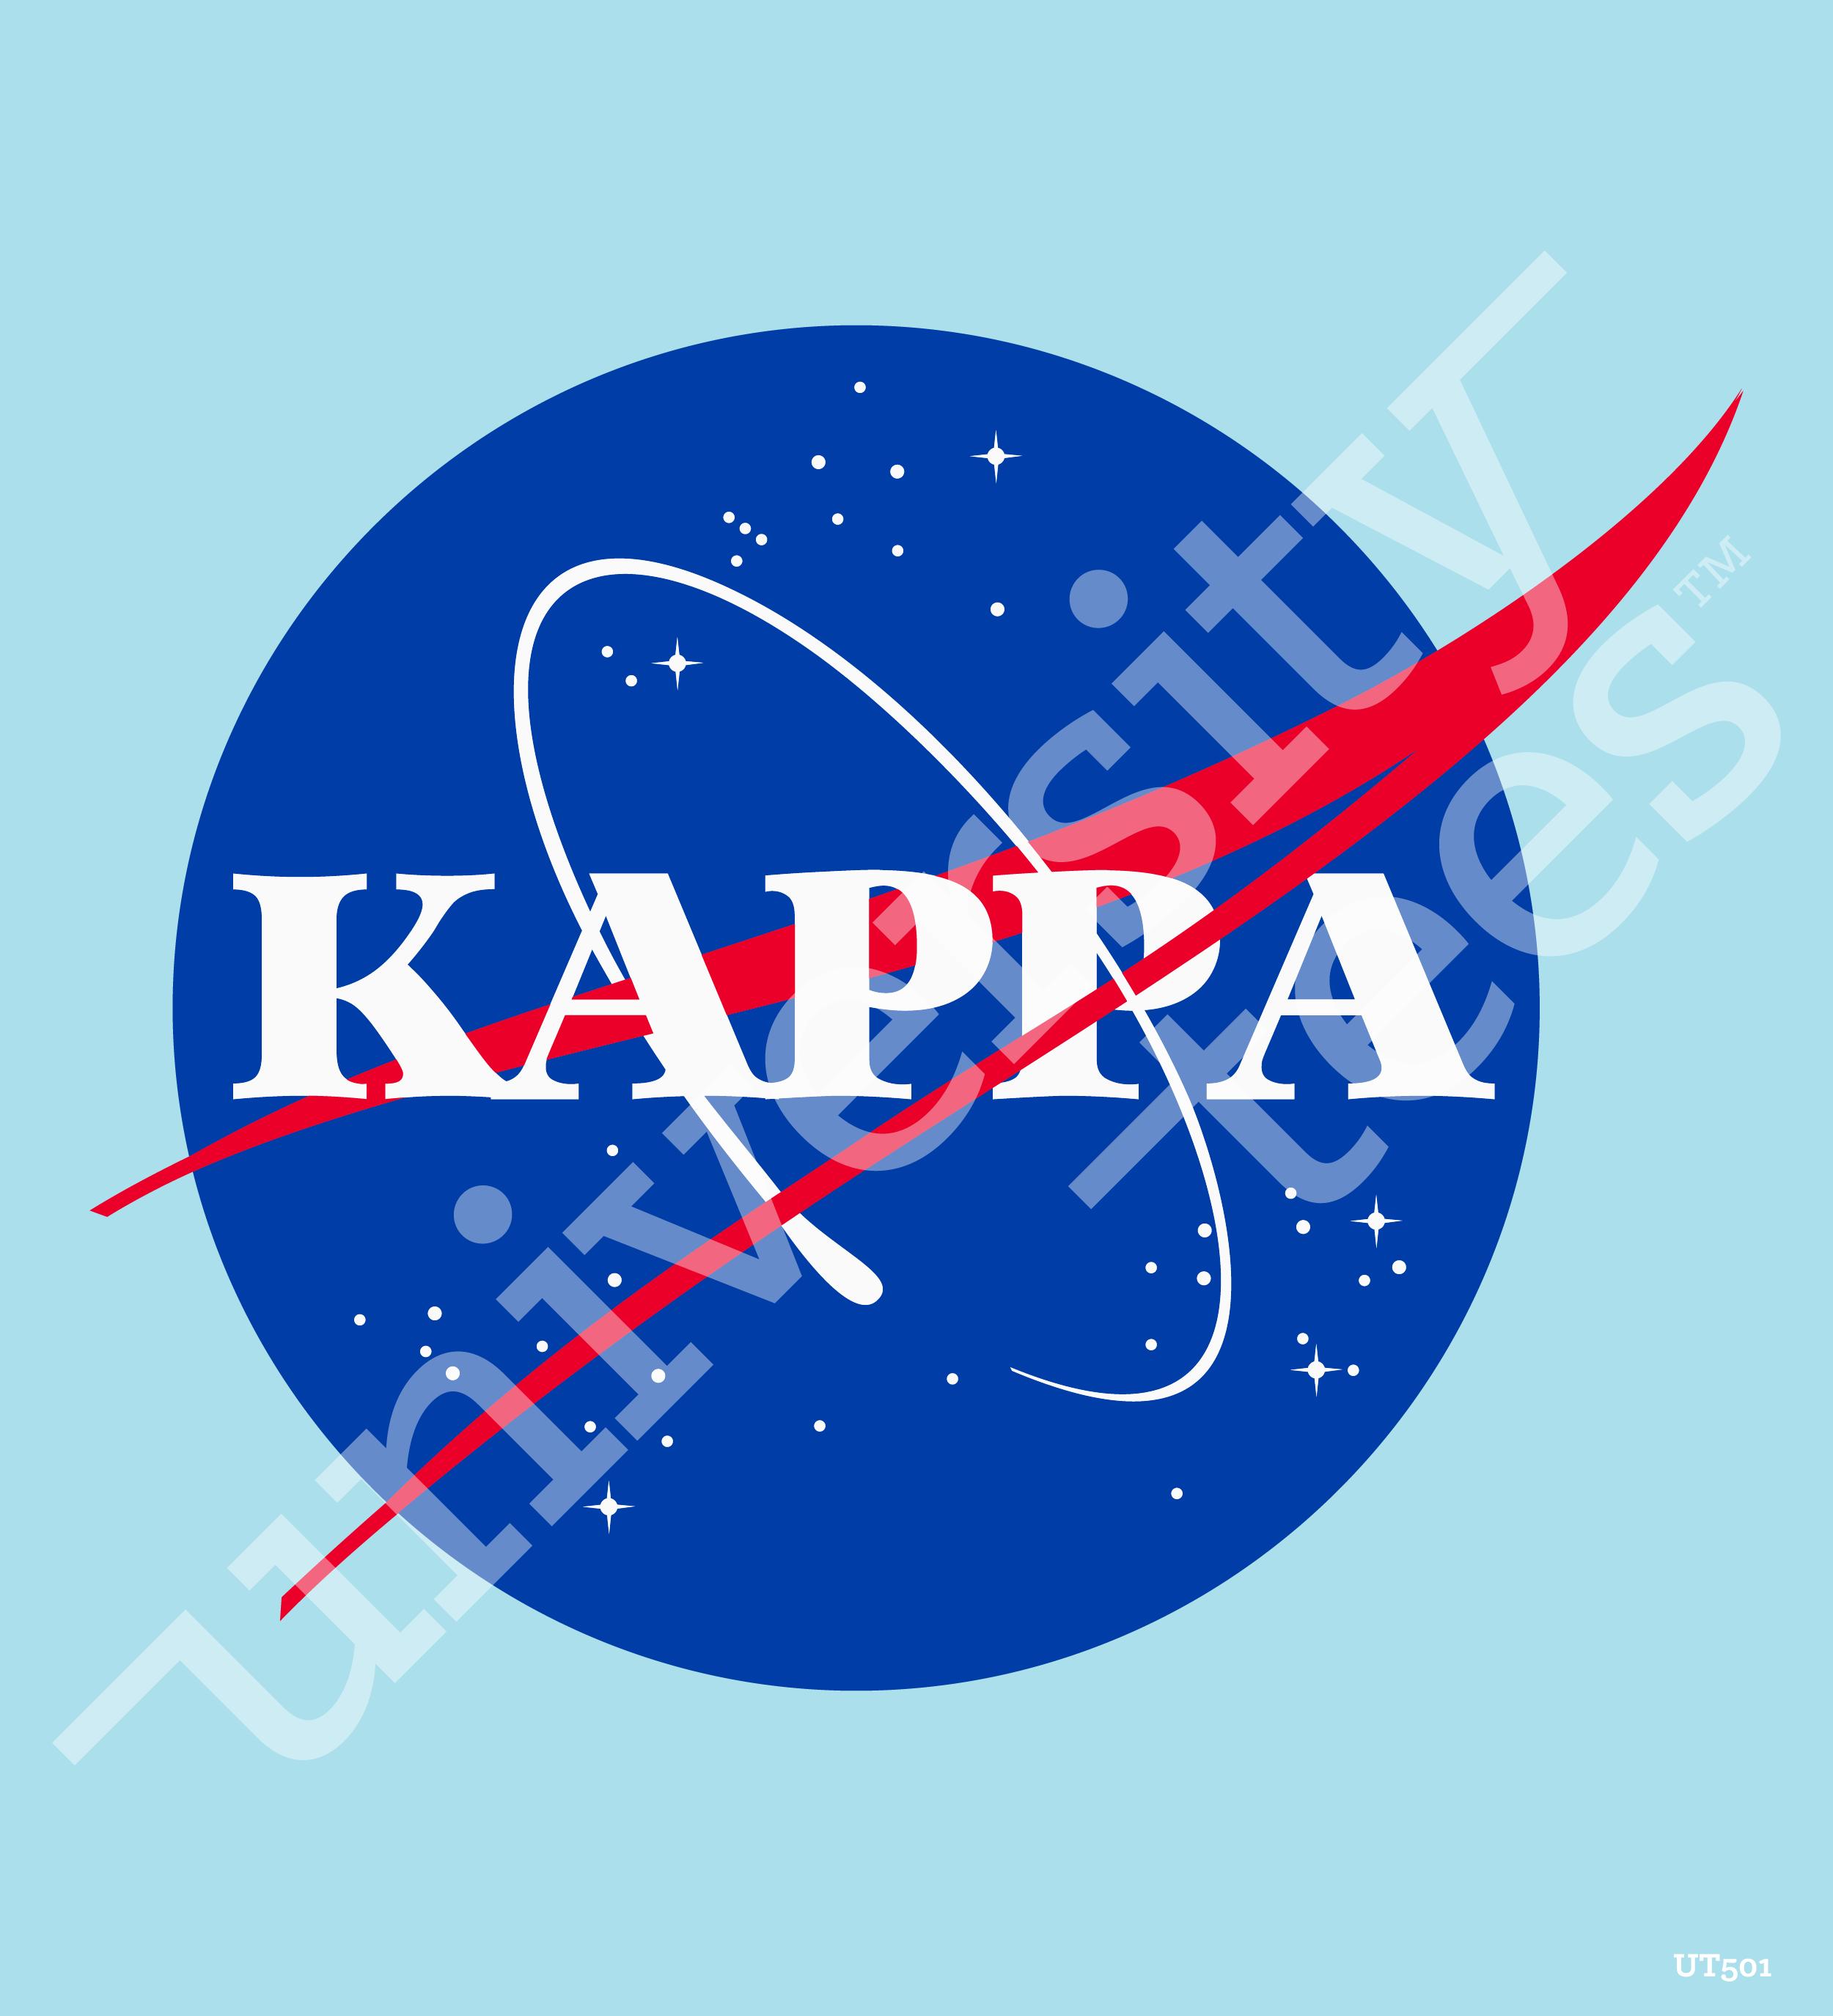 ceny odprawy outlet na sprzedaż kody promocyjne University Tees: Kappa Kappa Gamma | College | Nasa missions ...